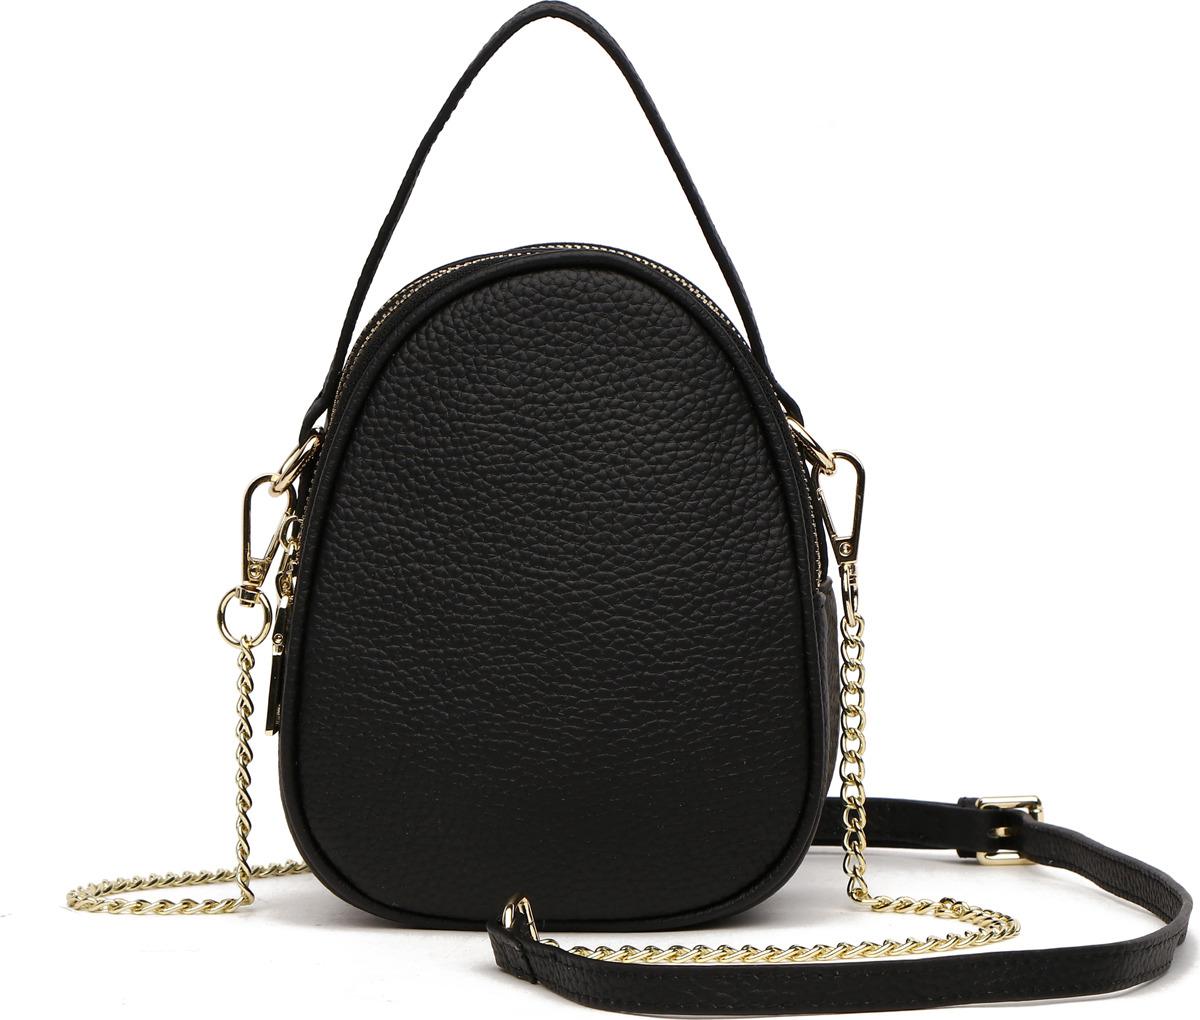 Рюкзак женский DDA, цвет: черный. DDA LB-3023BK рюкзак женский adidas backpack xs цвет черный dv0212